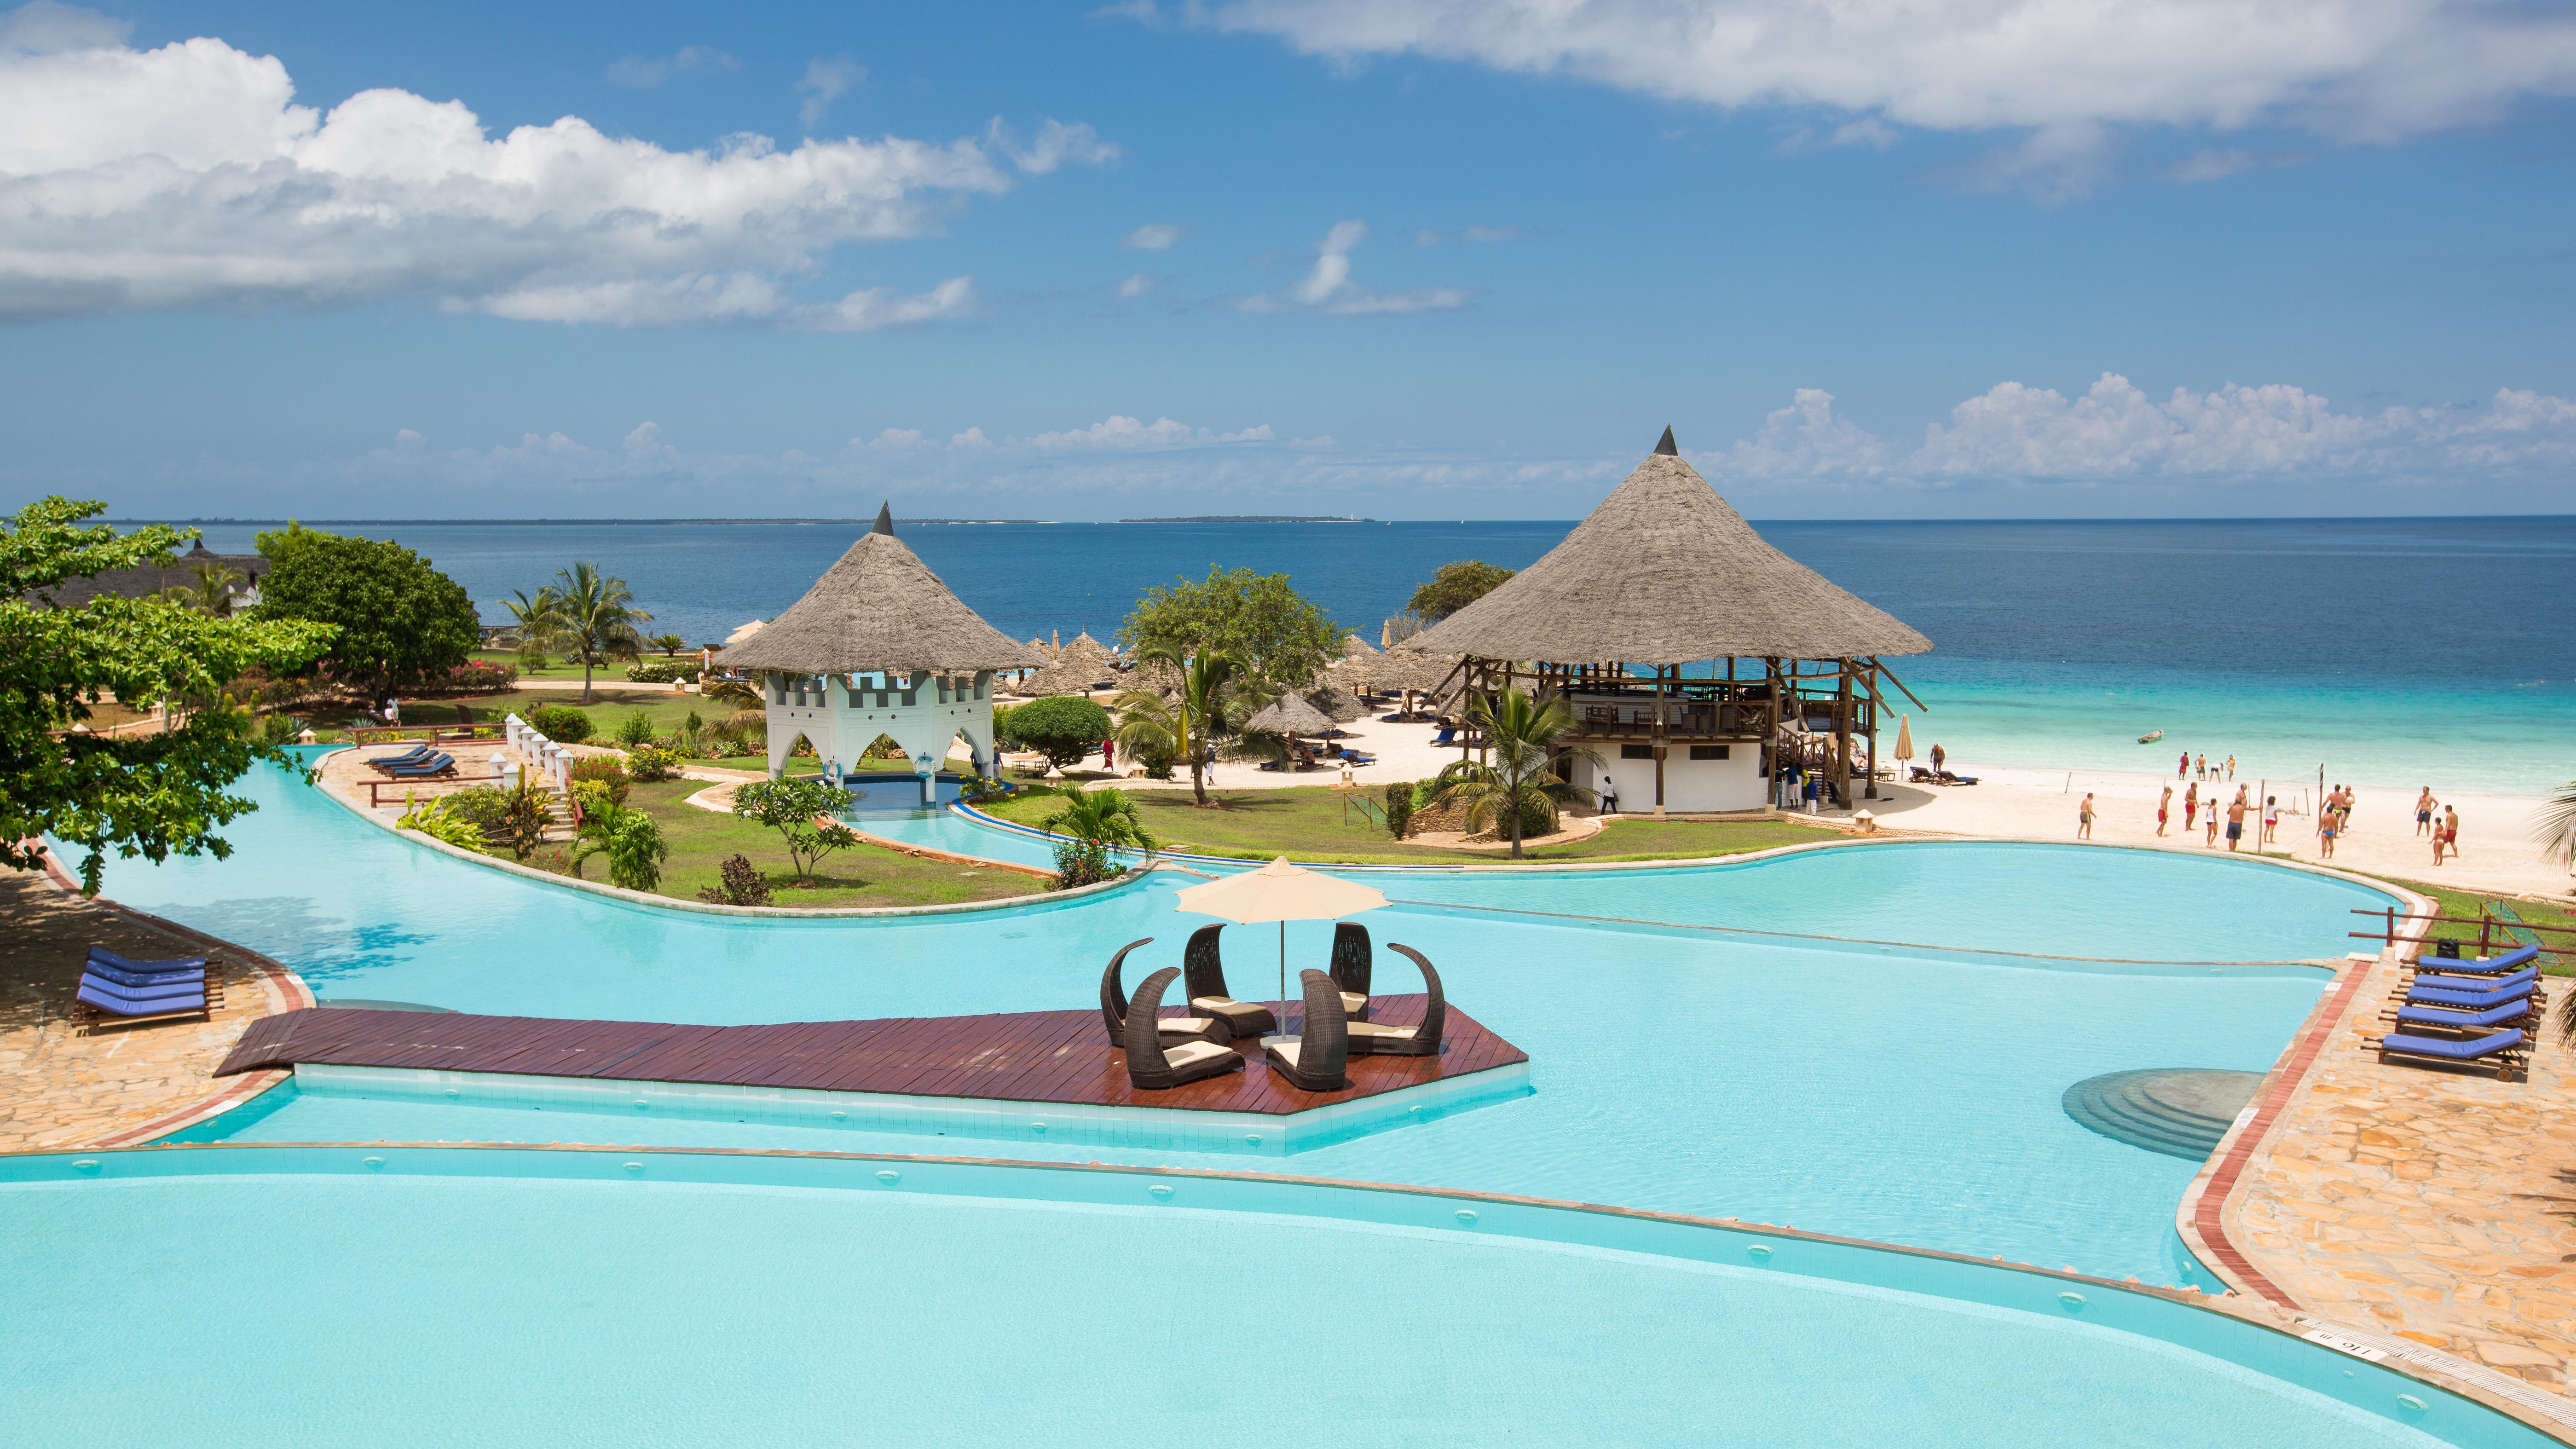 Royal zanzibar beach resort in zanzibar tanzania for Hotels zanzibar